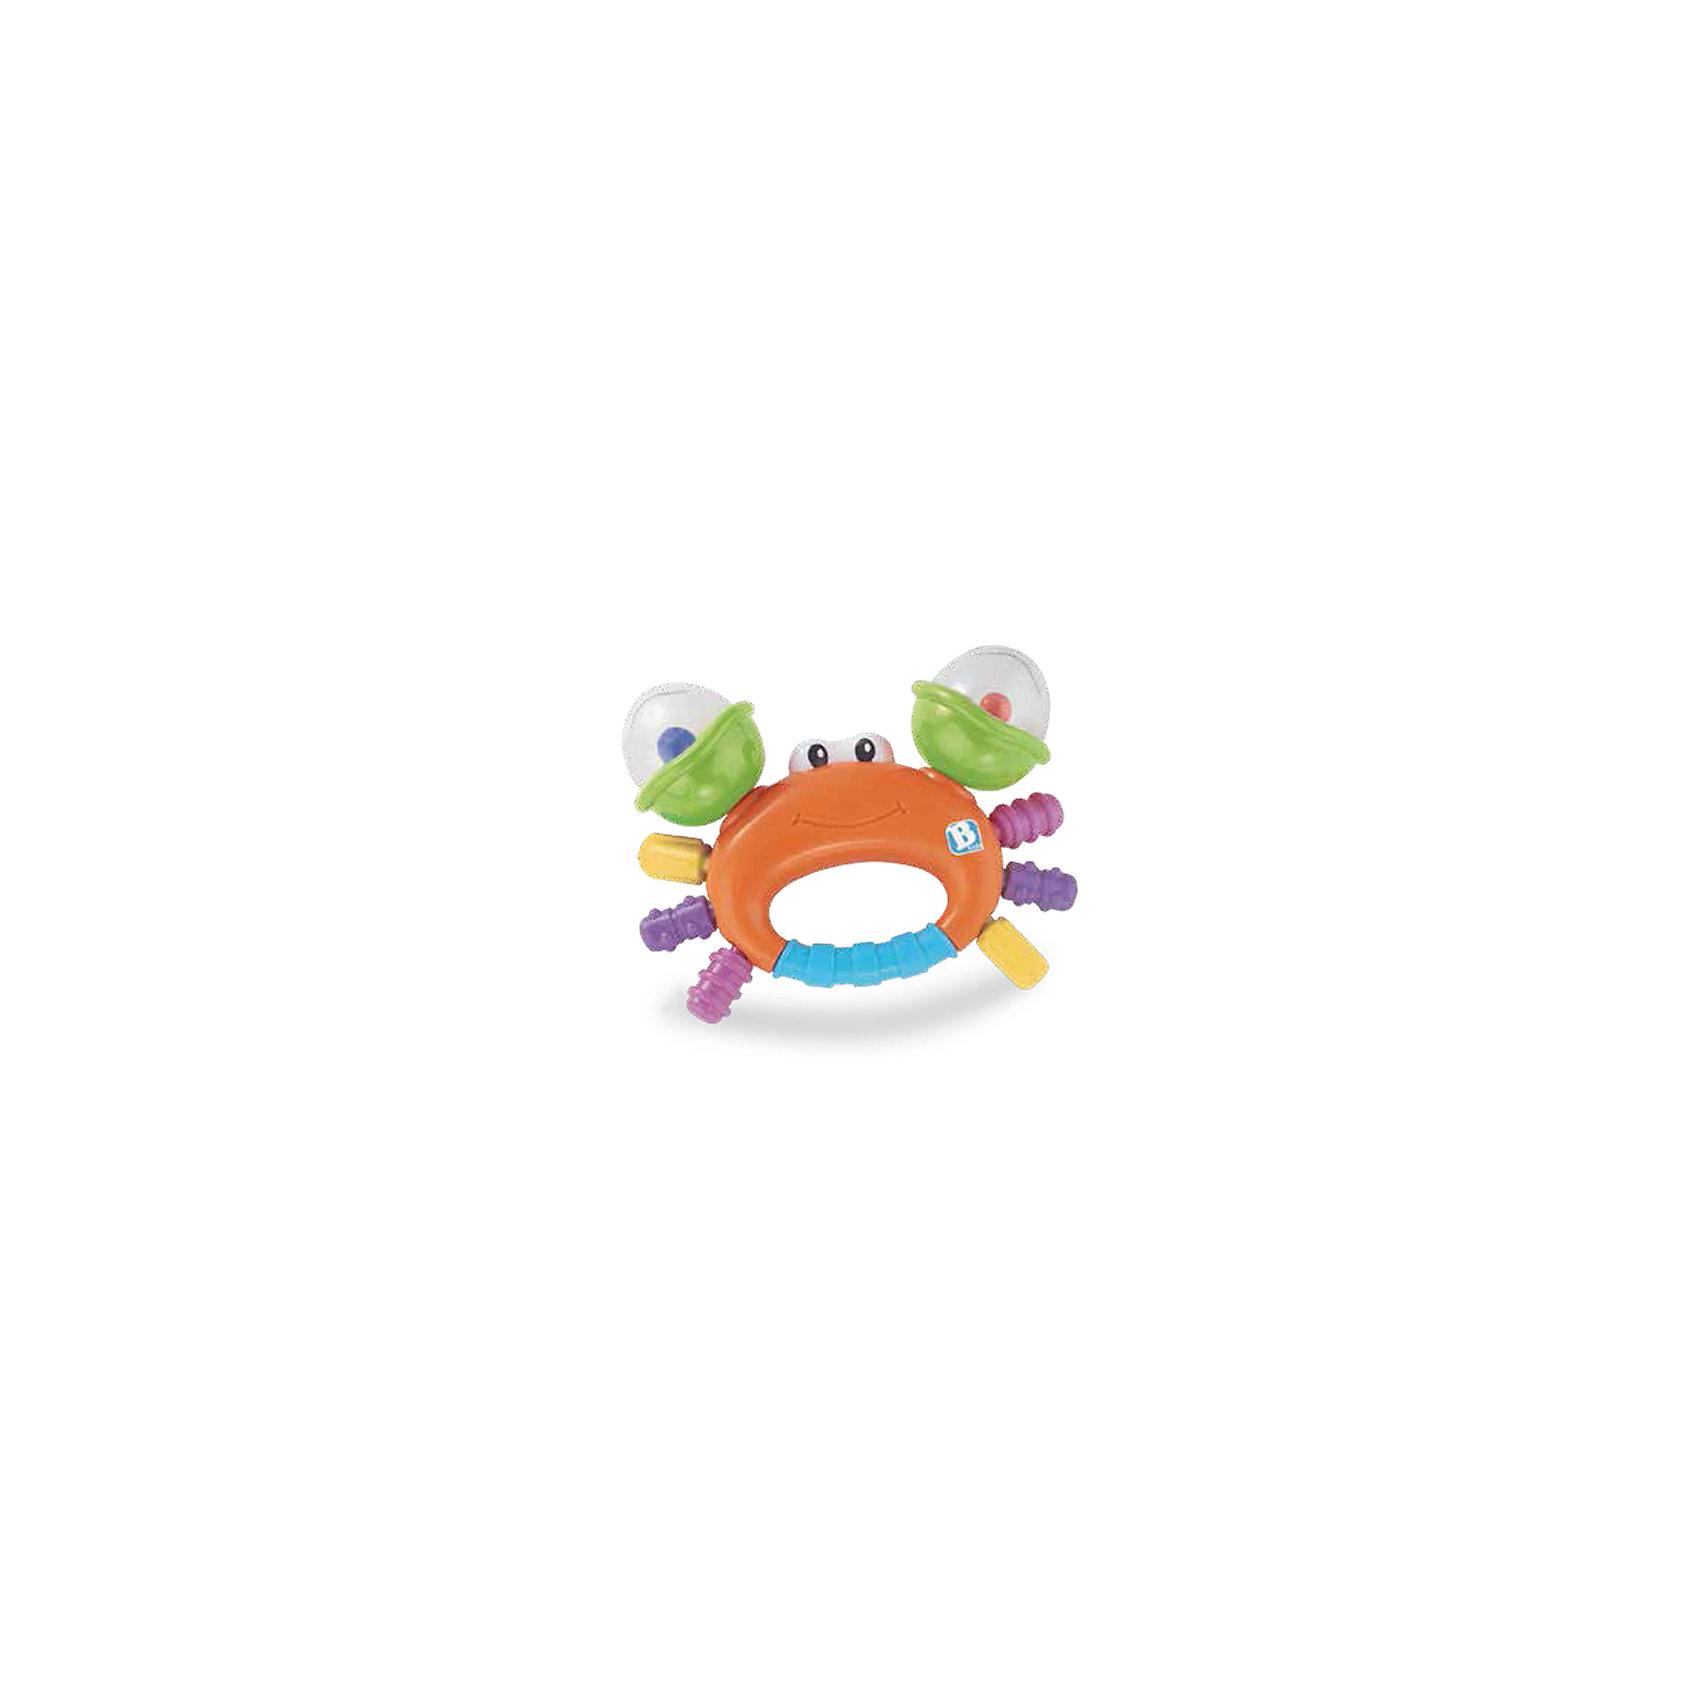 Игрушка Веселый краб, BKidsПрорезыватели<br>Прорезыватели необходимы детям, у которых режутся зубки. Они могут выглядеть очень симпатично! Эта игрушка представляет собой прорезыватель в виде краба, у него погремушки с цветными шариками в клешнях, а сами клешни крутятся.<br>Такие игрушки способствуют развитию мелкой моторики, воображения, цветовосприятия, тактильных ощущений. Изделие разработано специально для самых маленьких. Сделано из материалов, безопасных для детей.<br><br>Дополнительная информация:<br><br>цвет: разноцветный;<br>размеры игрушки: 14 х 10 х 4 см;<br>возраст: с рождения.<br><br>Игрушку Веселый краб от бренда BKids можно купить в нашем интернет-магазине.<br><br>Ширина мм: 114<br>Глубина мм: 114<br>Высота мм: 20<br>Вес г: 88<br>Возраст от месяцев: 0<br>Возраст до месяцев: 36<br>Пол: Унисекс<br>Возраст: Детский<br>SKU: 5055397